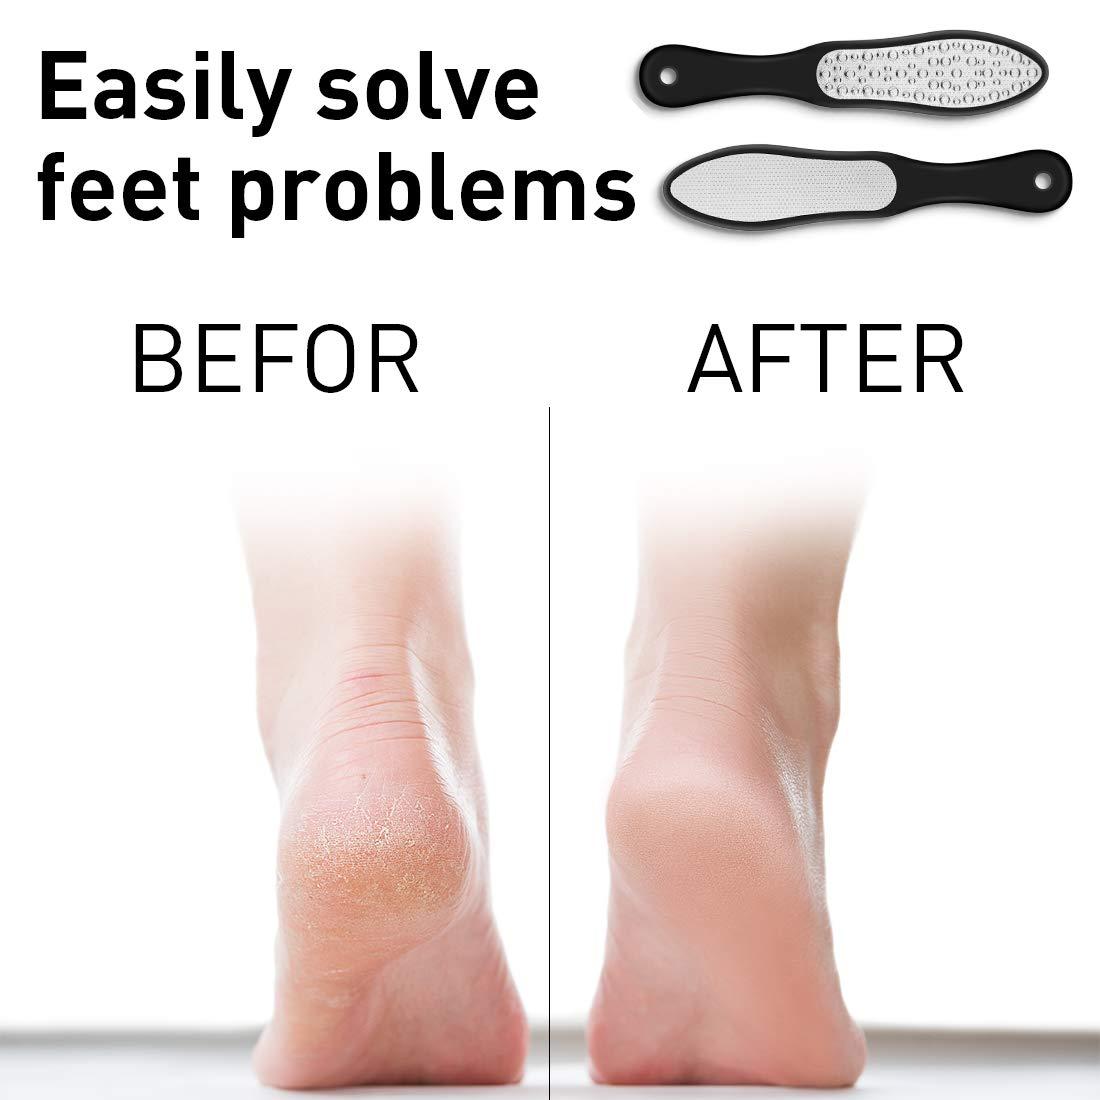 Laser Hornhautfeile - Hornhautentferner für die Entfernung von Hornhaut & Hühneraugen aus rostfreiem Edelstahl - Fußpflege für seidig weiche Füße in Podologie Qualität